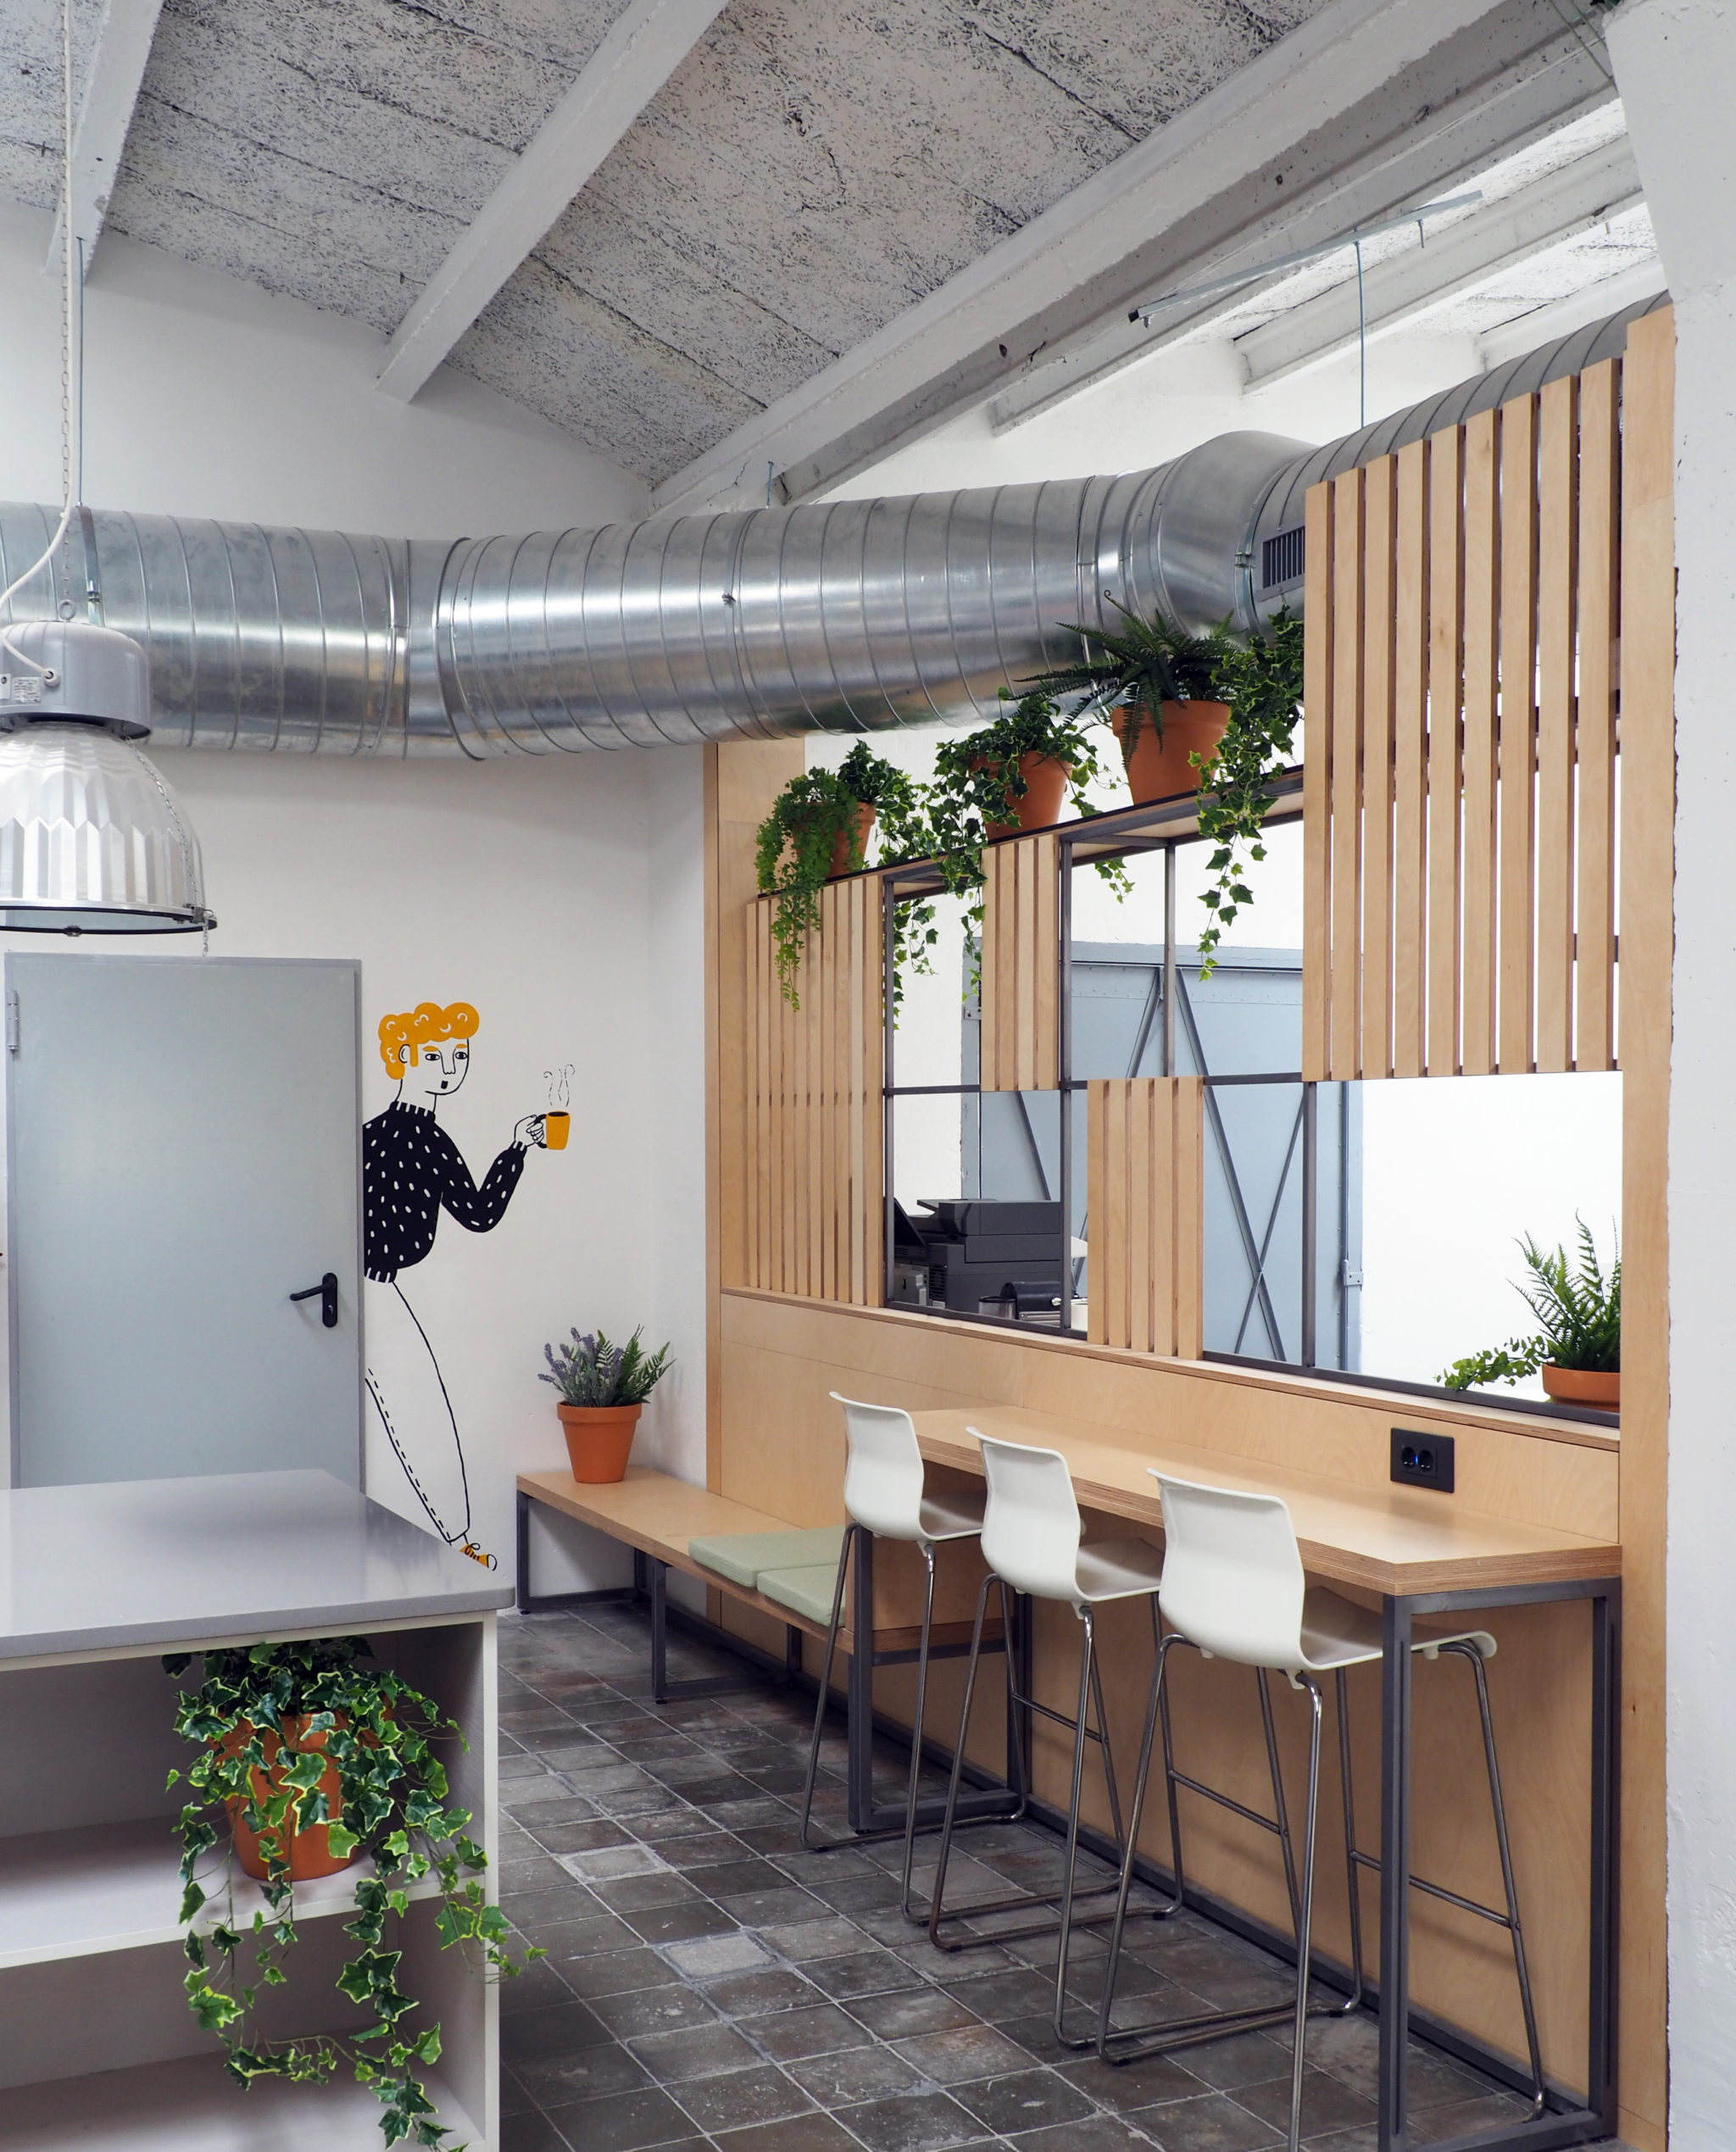 Oficinas en un loft de Barcelona by Rosa Colet Interior Design